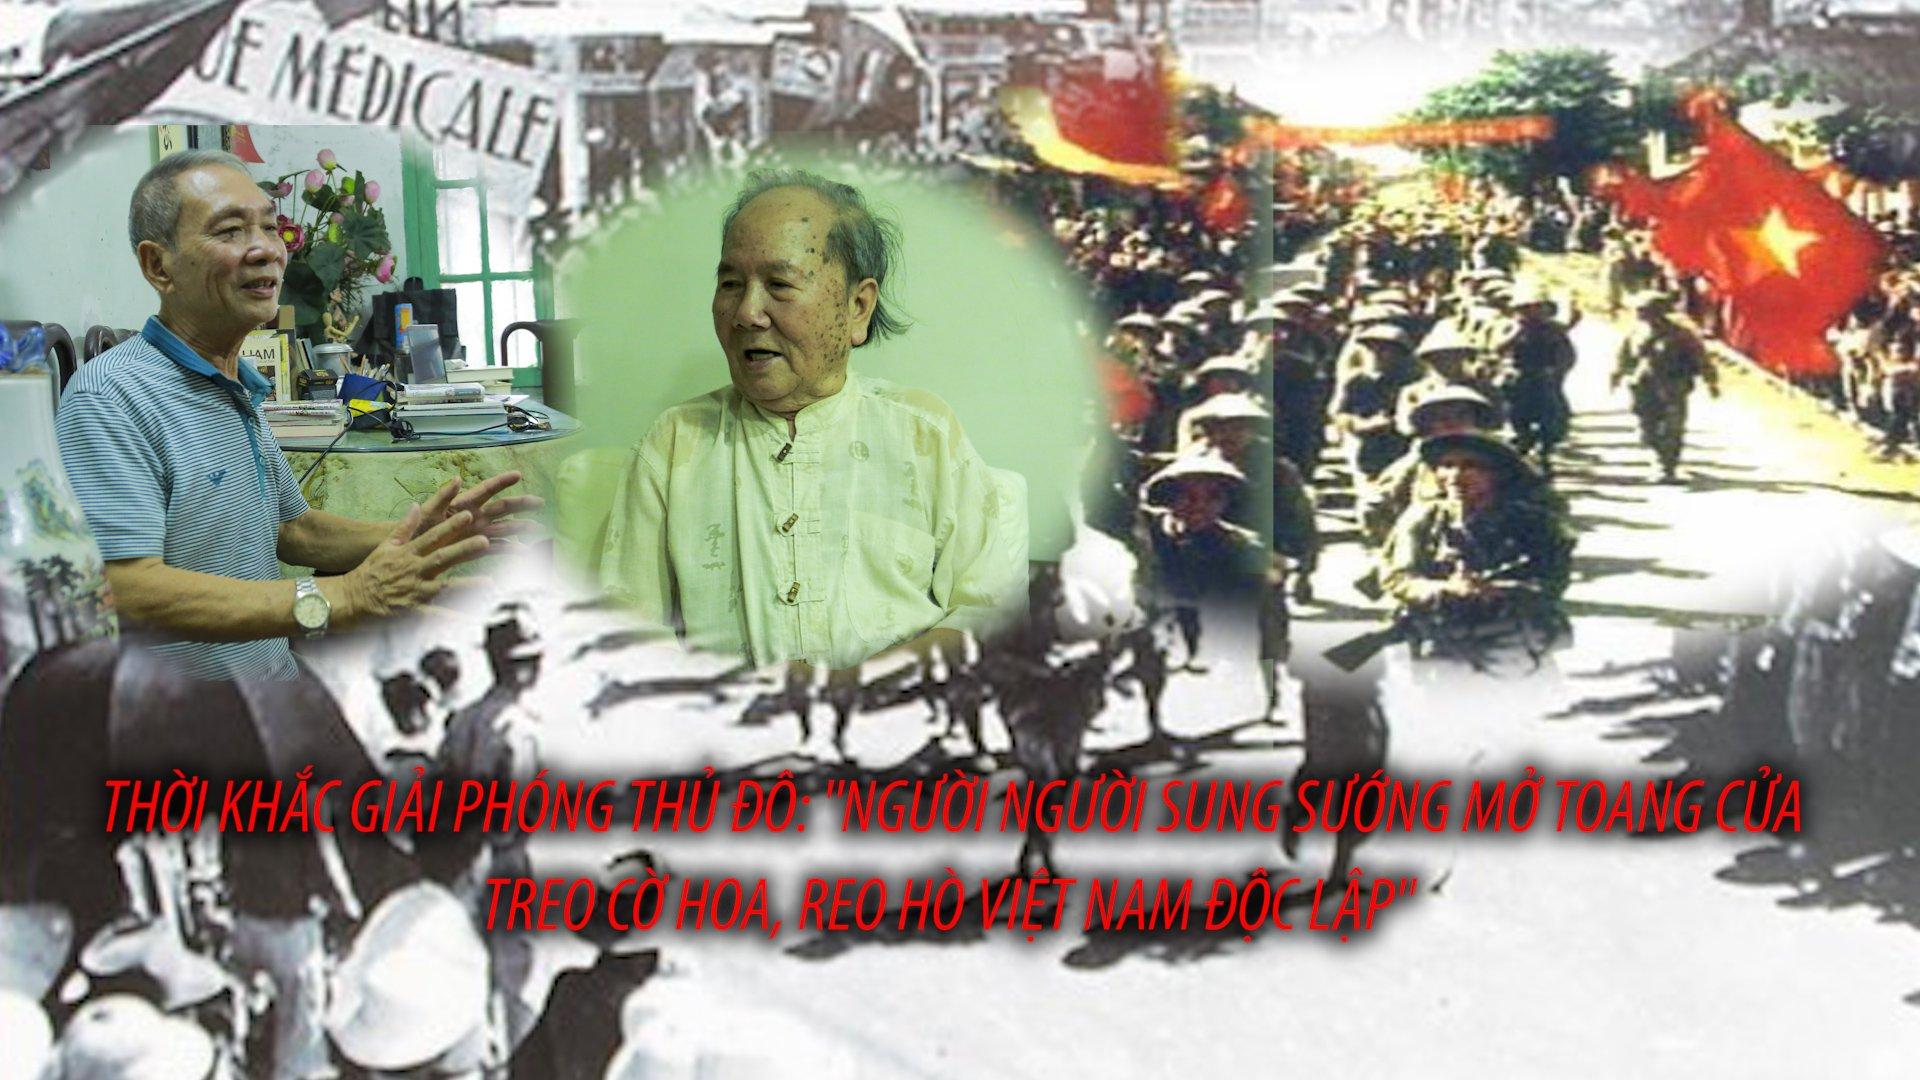 """Thời khắc Giải phóng Thủ đô: """"Người người sung sướng mở toang cửa treo cờ hoa, reo hò Việt Nam độc lập"""" - Ảnh 1."""